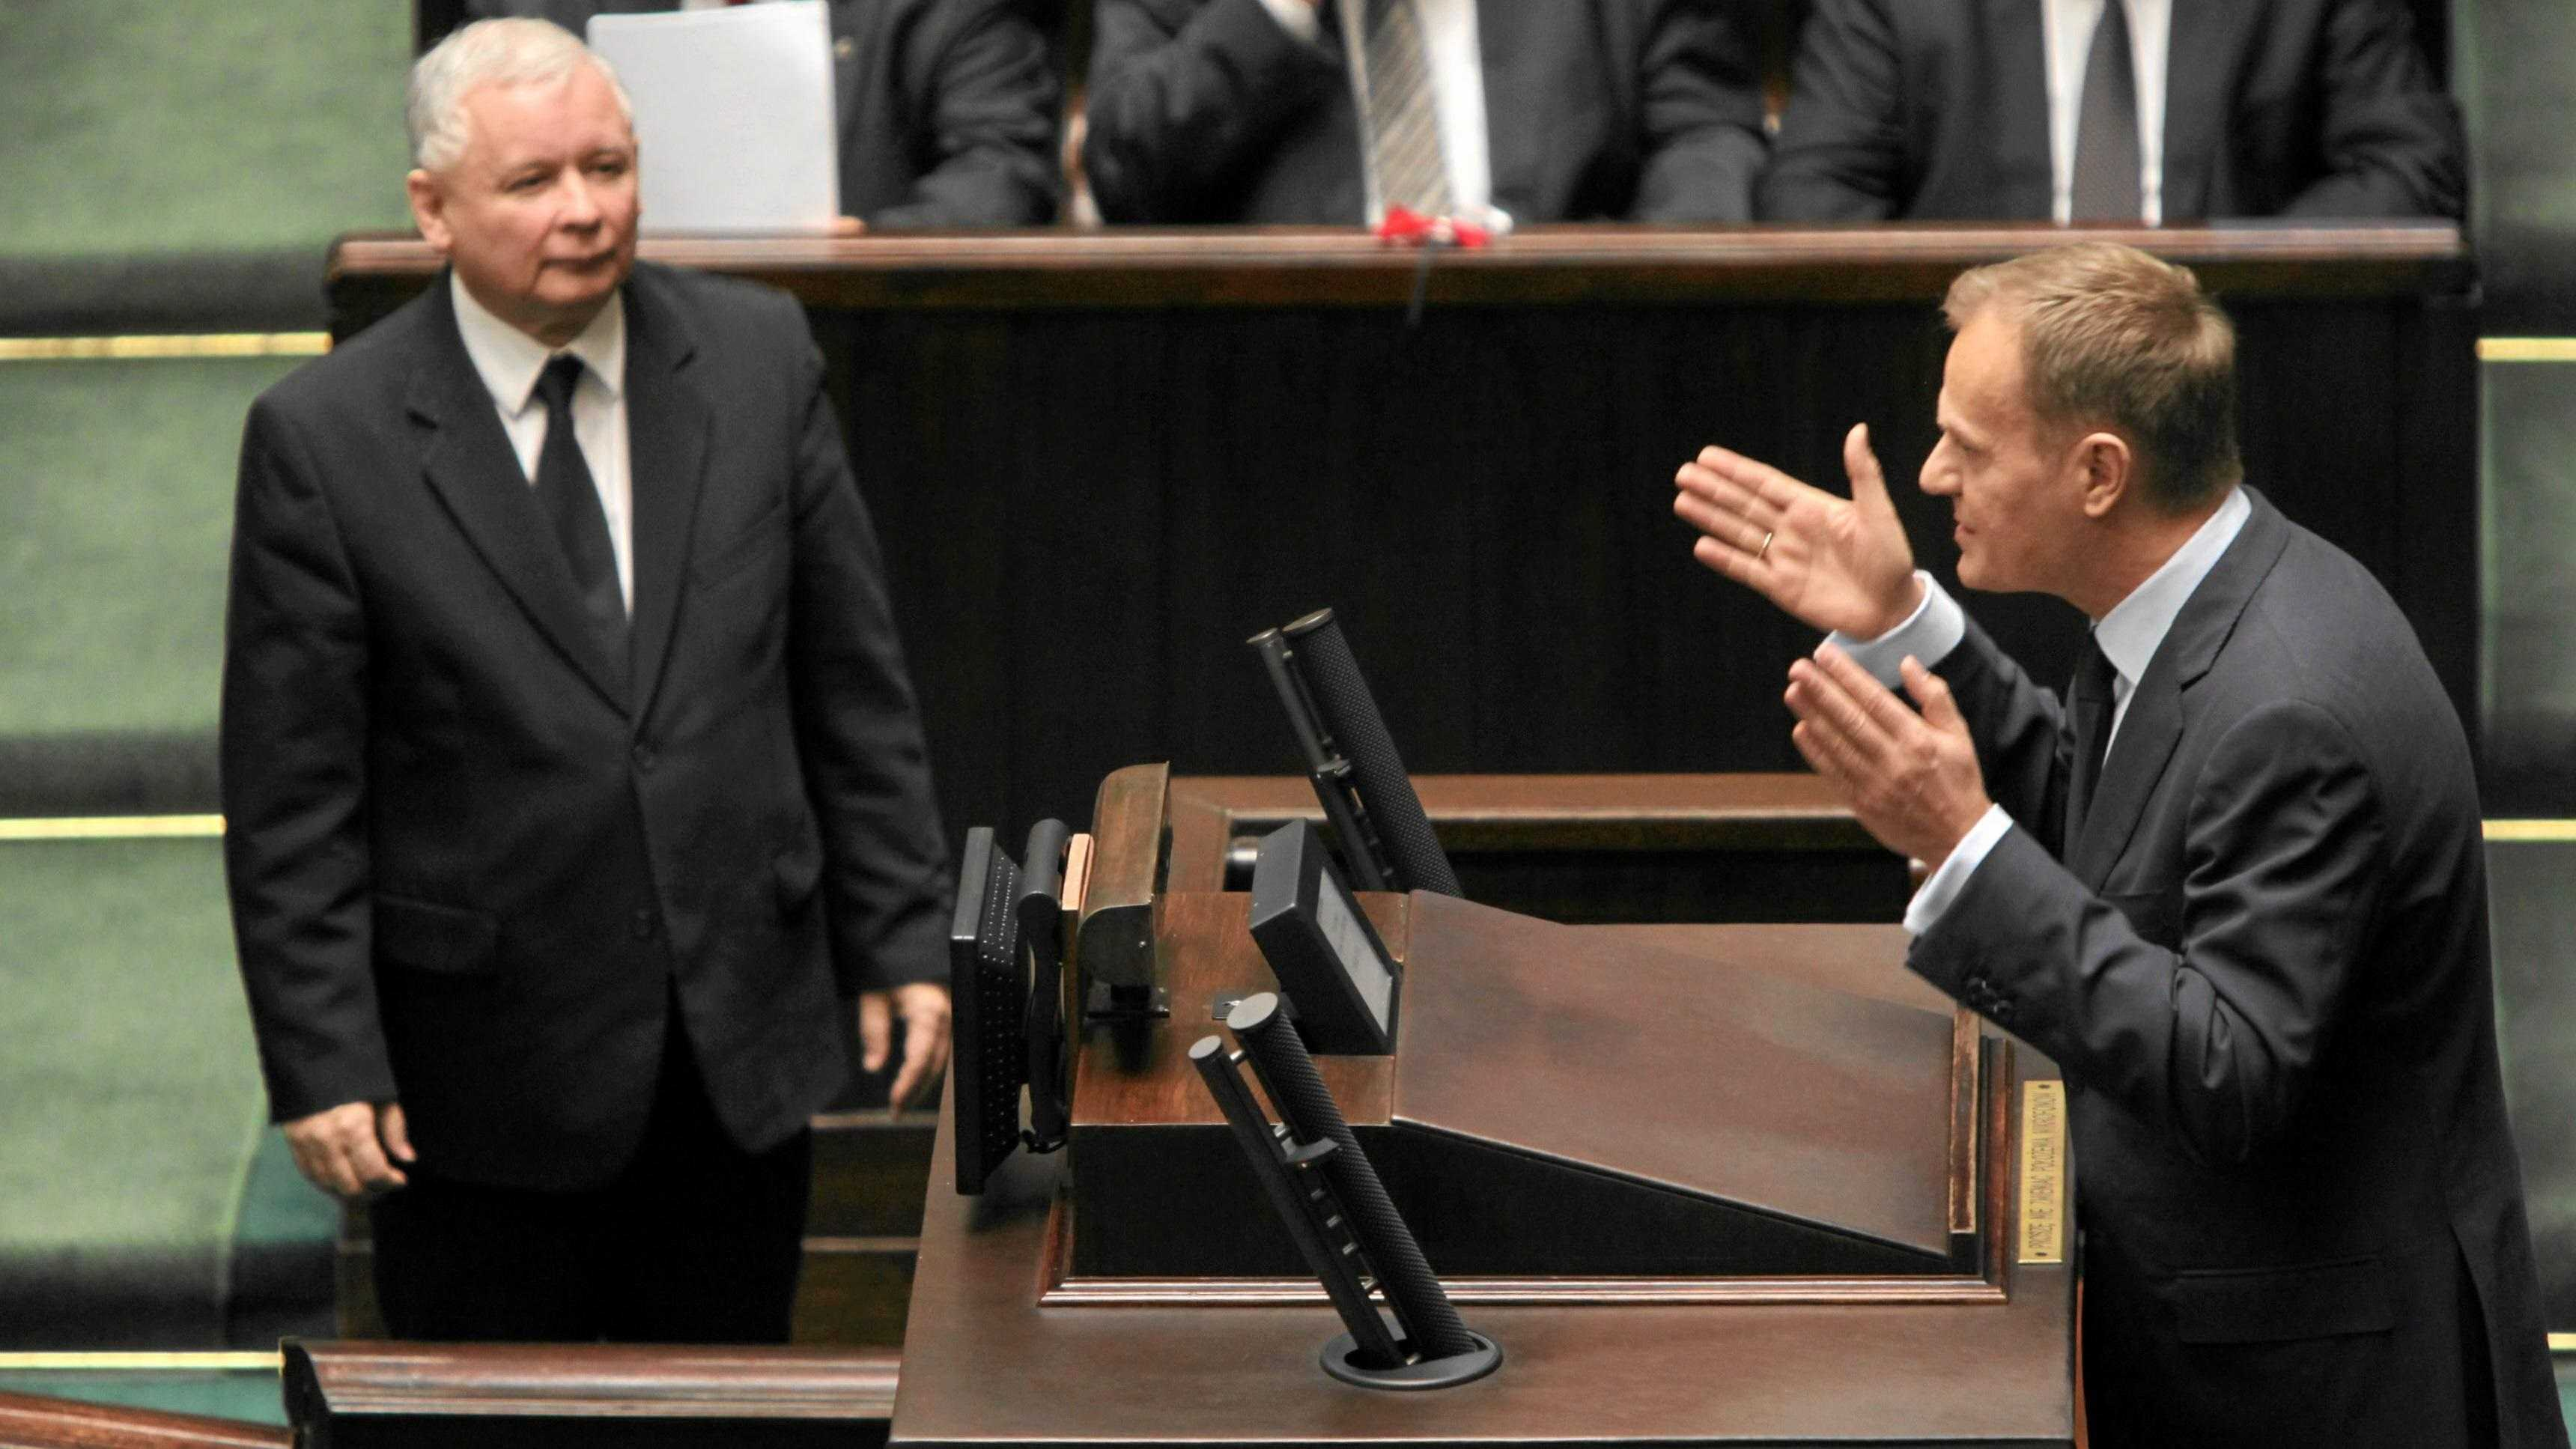 Za rządów Tuska UE zablokowała Polsce miliardy. Co wtedy mówili politycy PiS?